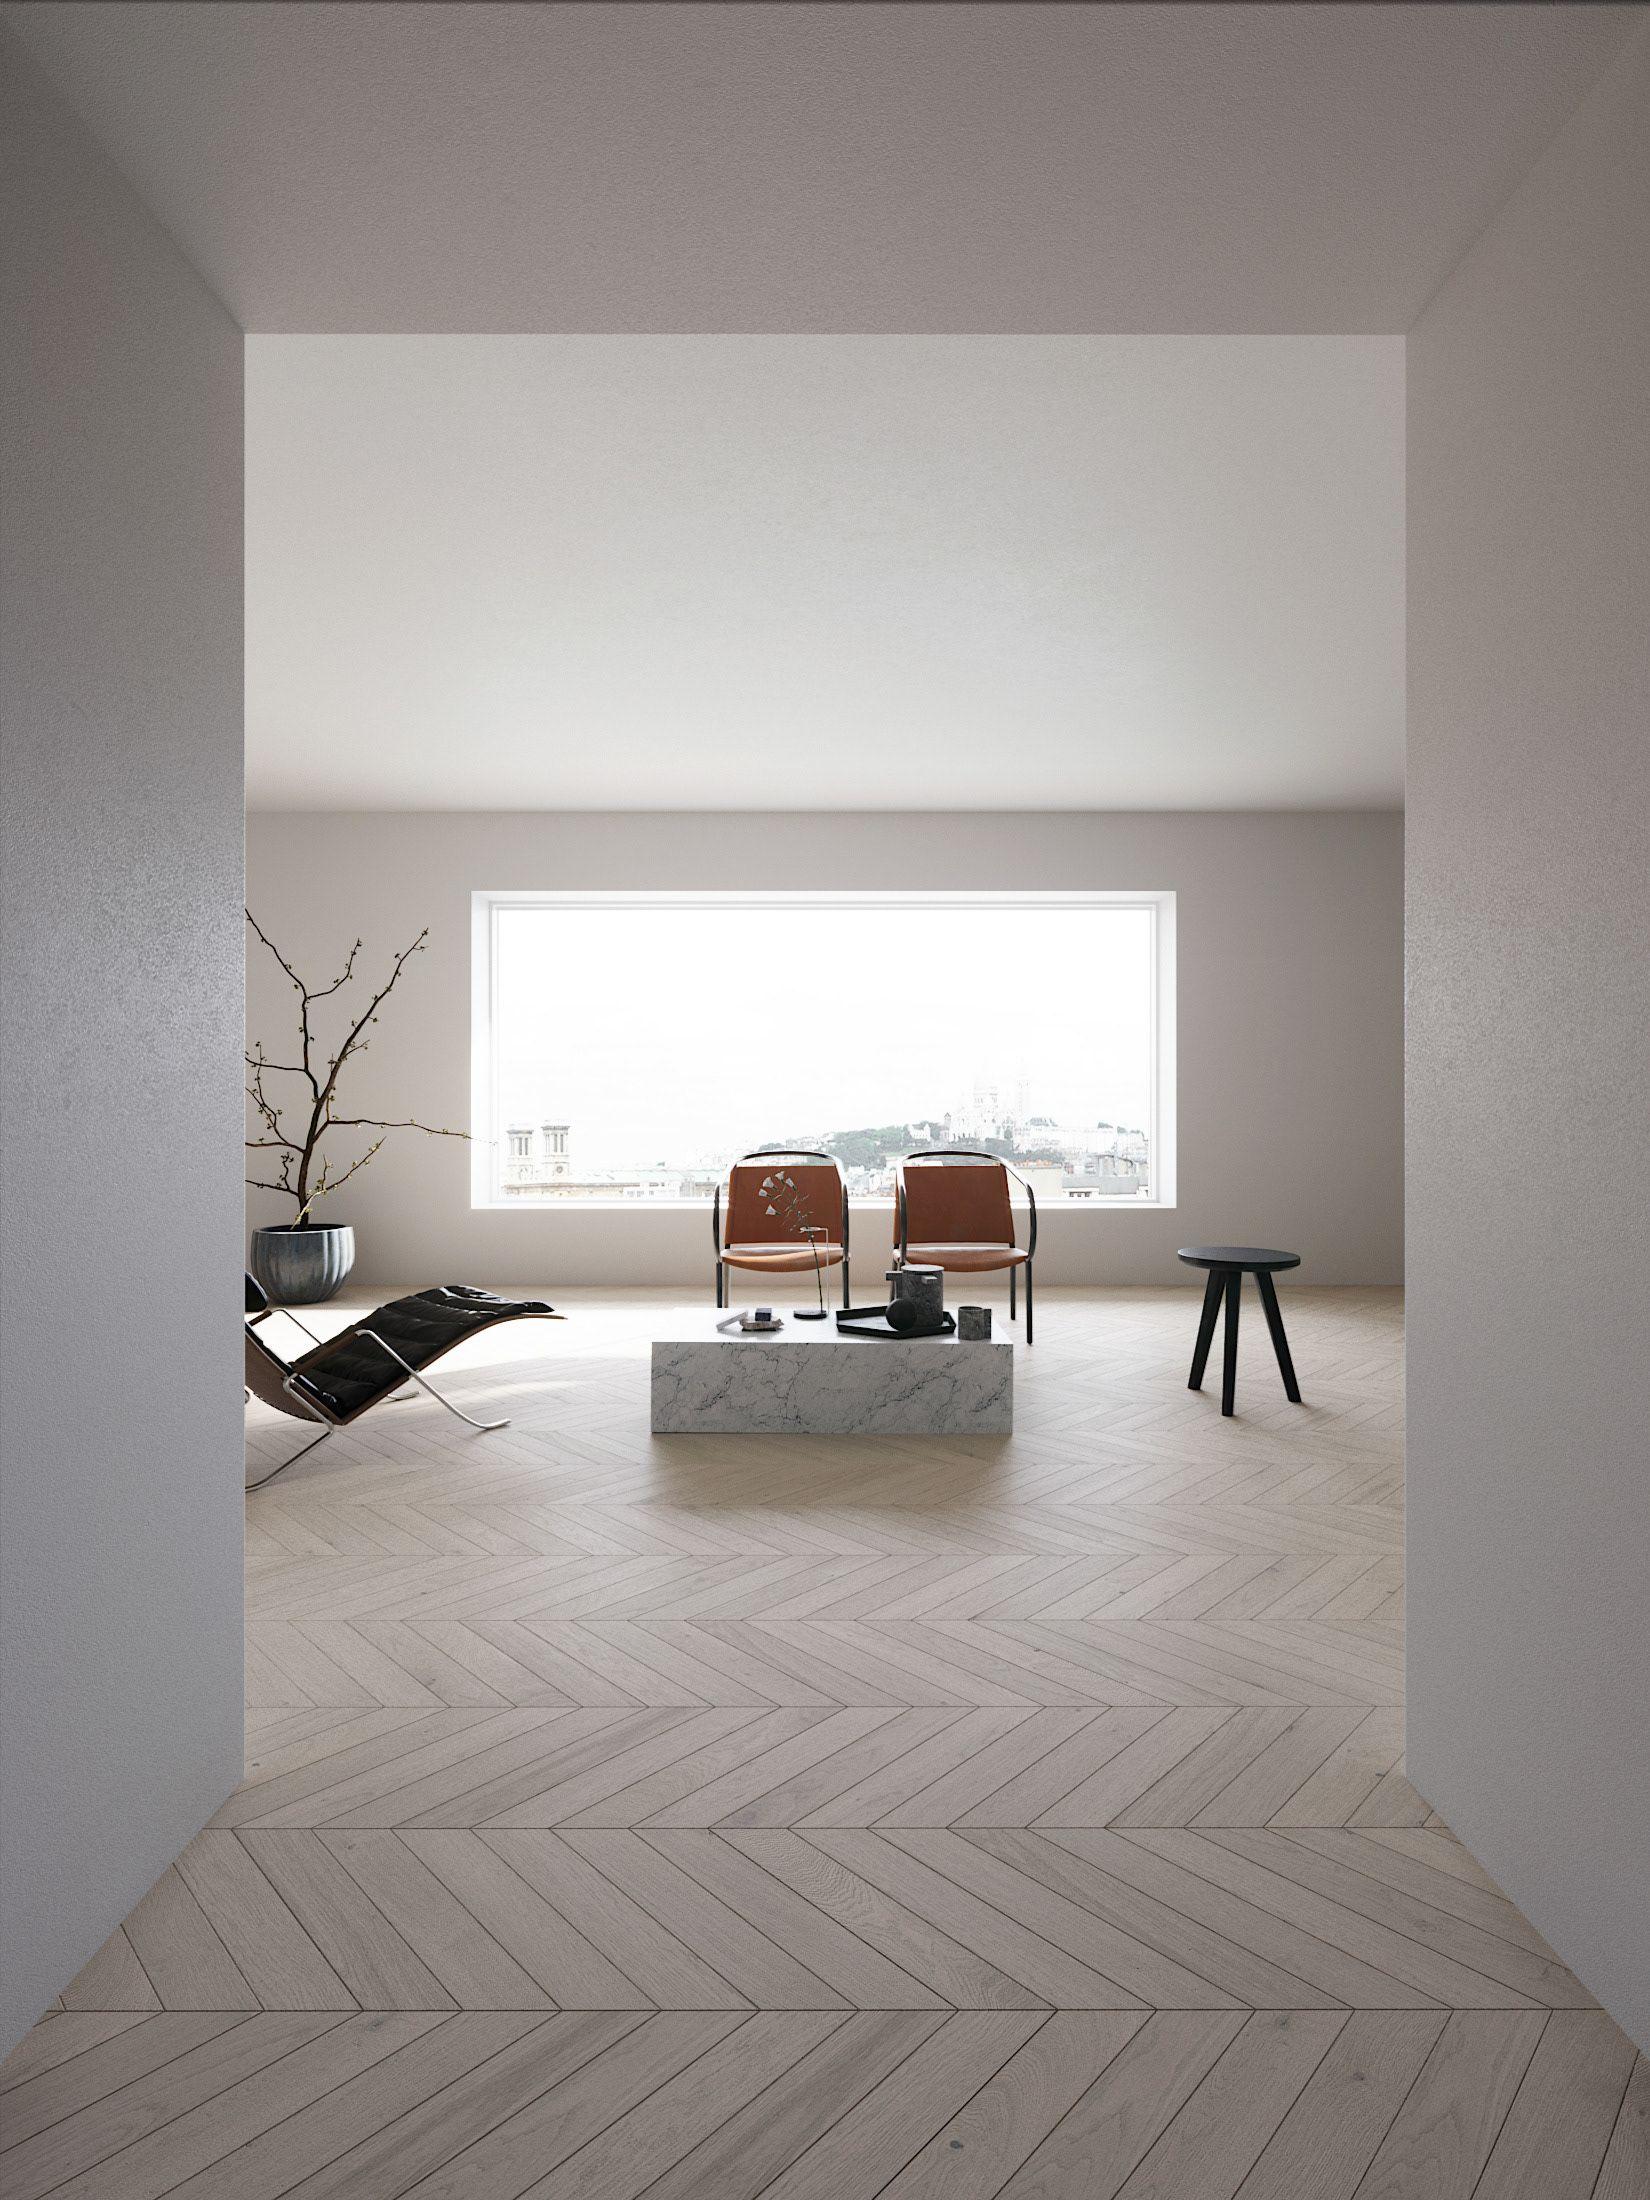 Best Minimalism Minimalist Interior Design With All White 640 x 480